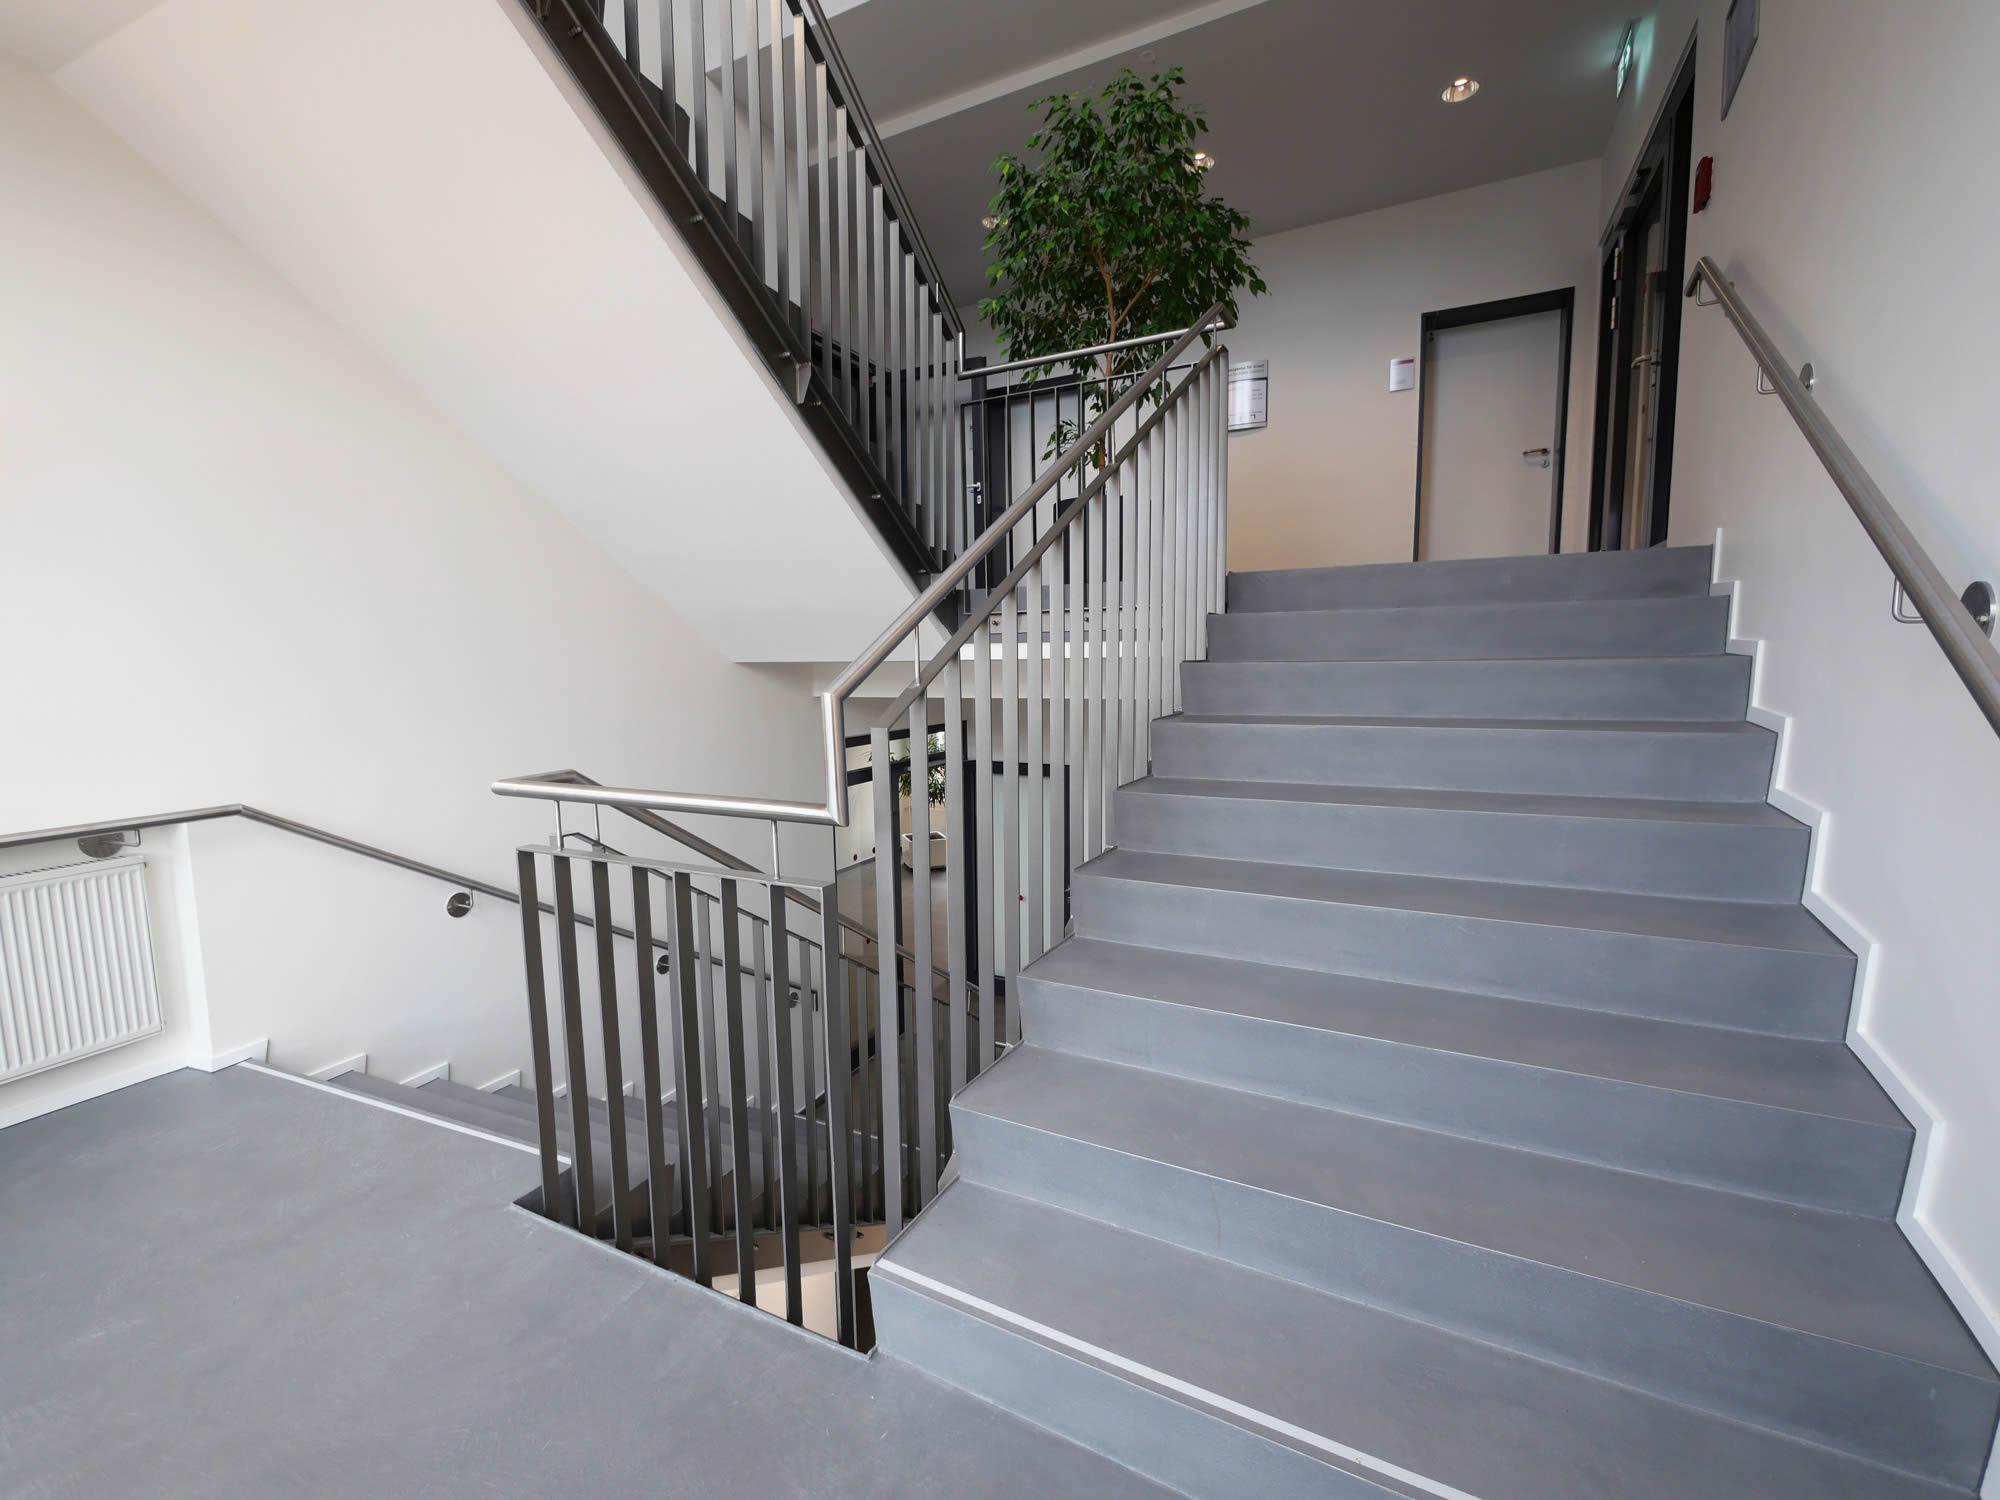 Treppenhaus Frescolori Putz Ewering